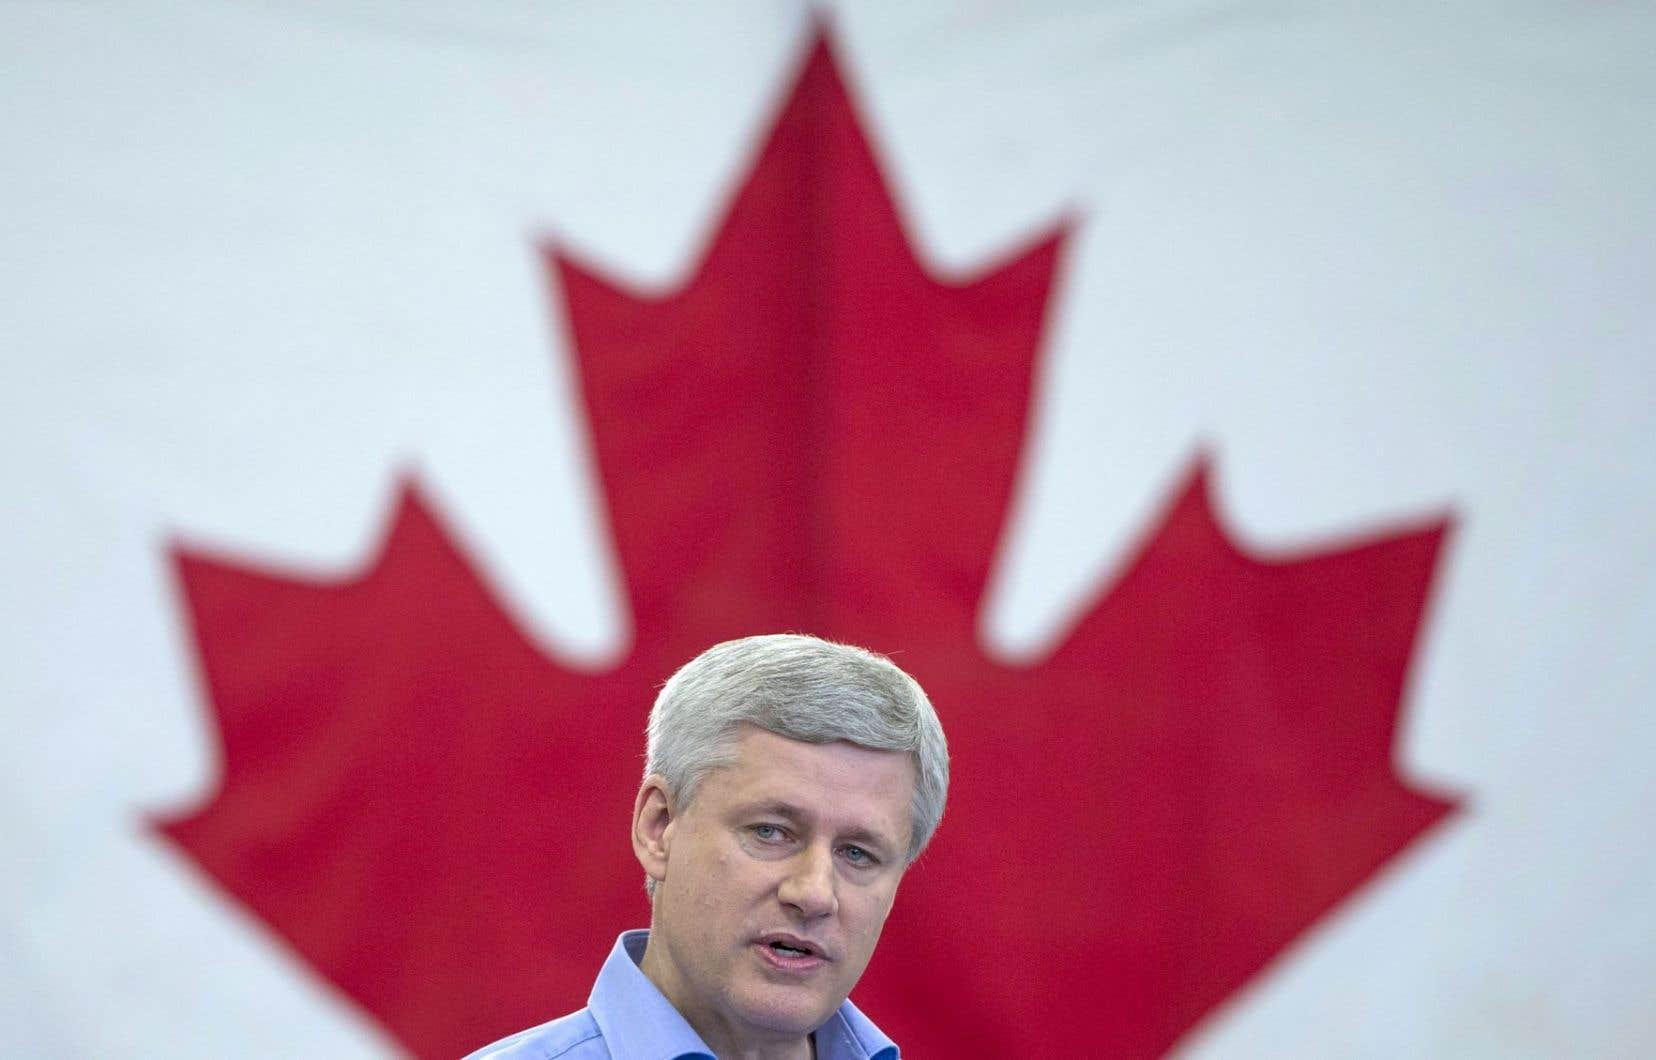 Les conservateurs de Stephen Harper ont tenté de présenter un changement de gouvernement comme un risque pour l'économie.